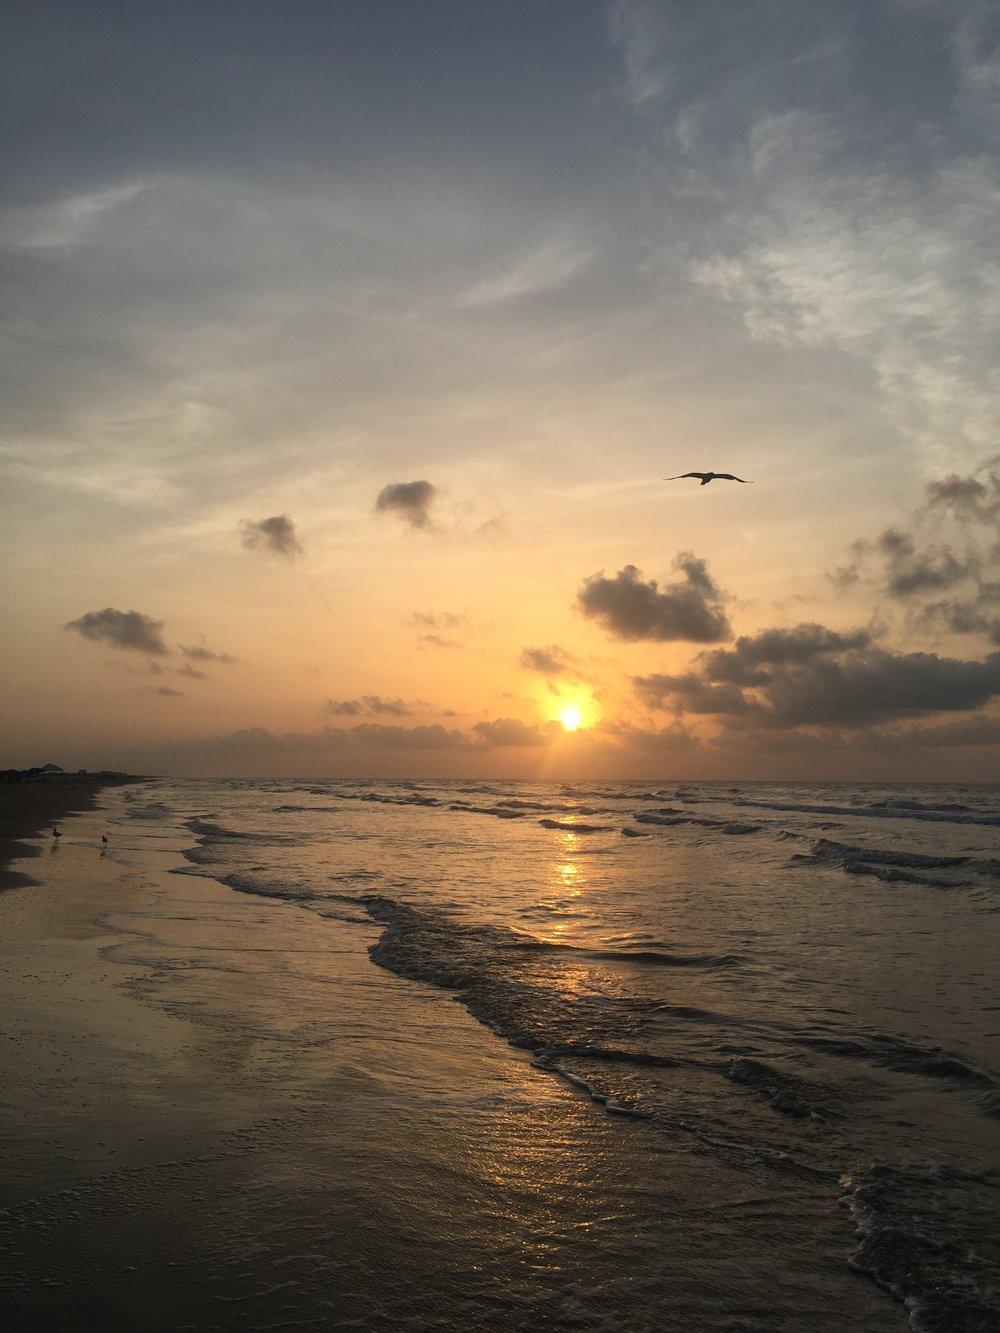 ramble and rove - texas blogger - lifestyle blogger - beach - texas beach - surfside beach - galveston beach - Texas gulf - seagull - beach sunrise - Gulf of Mexico